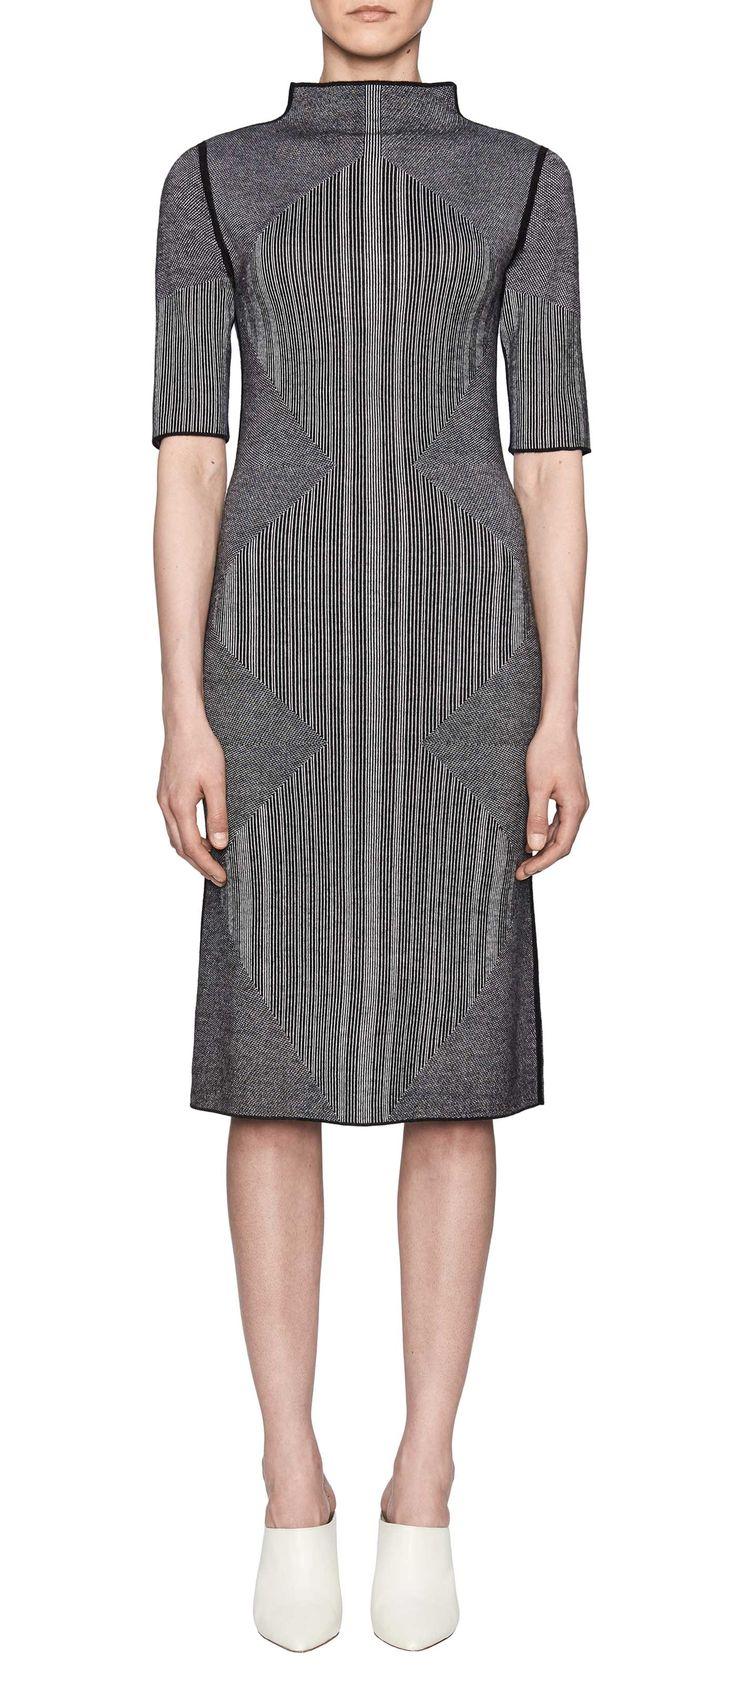 Women's REVERSIBLE ELBOW SLEEVE MOCK NECK DRESS | TSE TSE